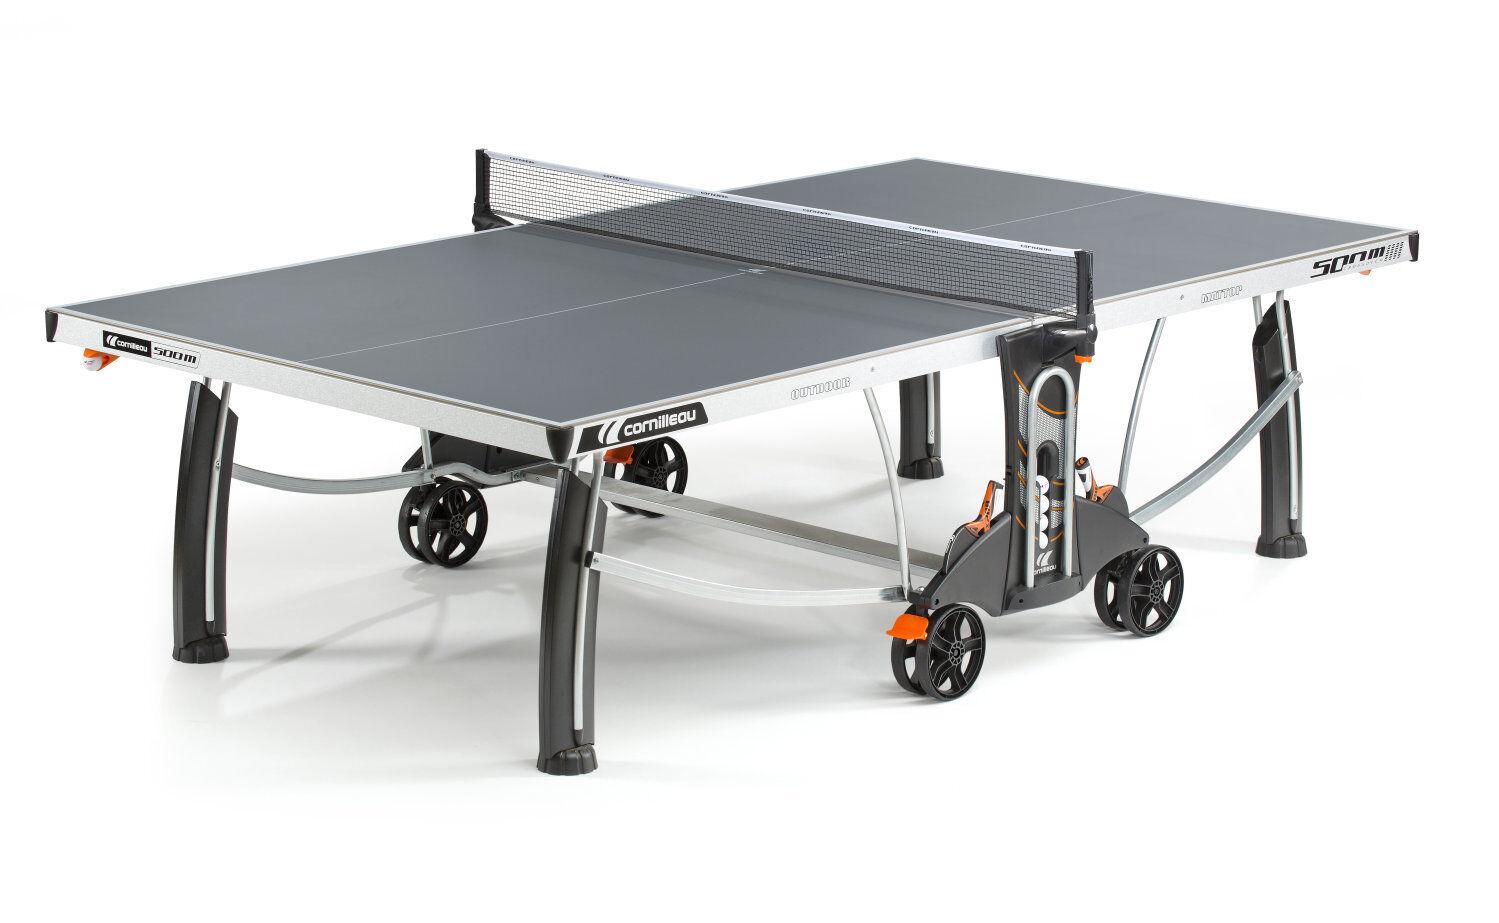 Cornilleau Tischtennisplatte Sport 500 500 500 M Crotver Outdoor grau mit Netz e64110